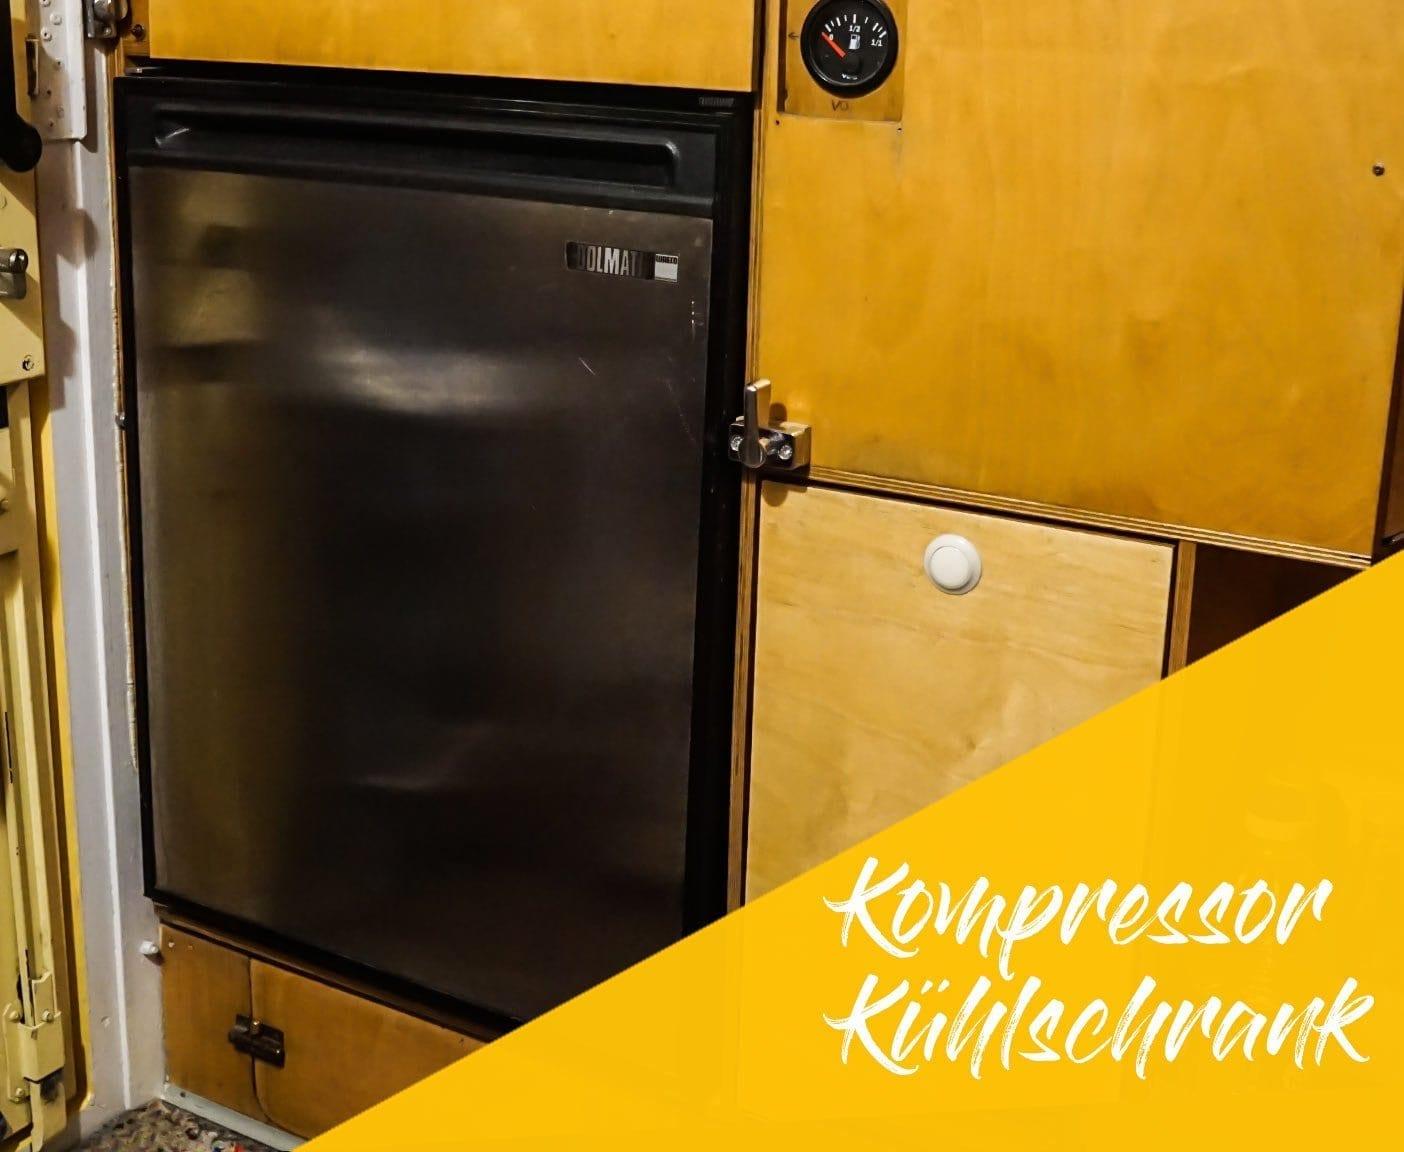 Electrolux Kühlschrank Wohnmobil : Wohnmobil kÜhlschrank was ich über v oder gas gelernt habe